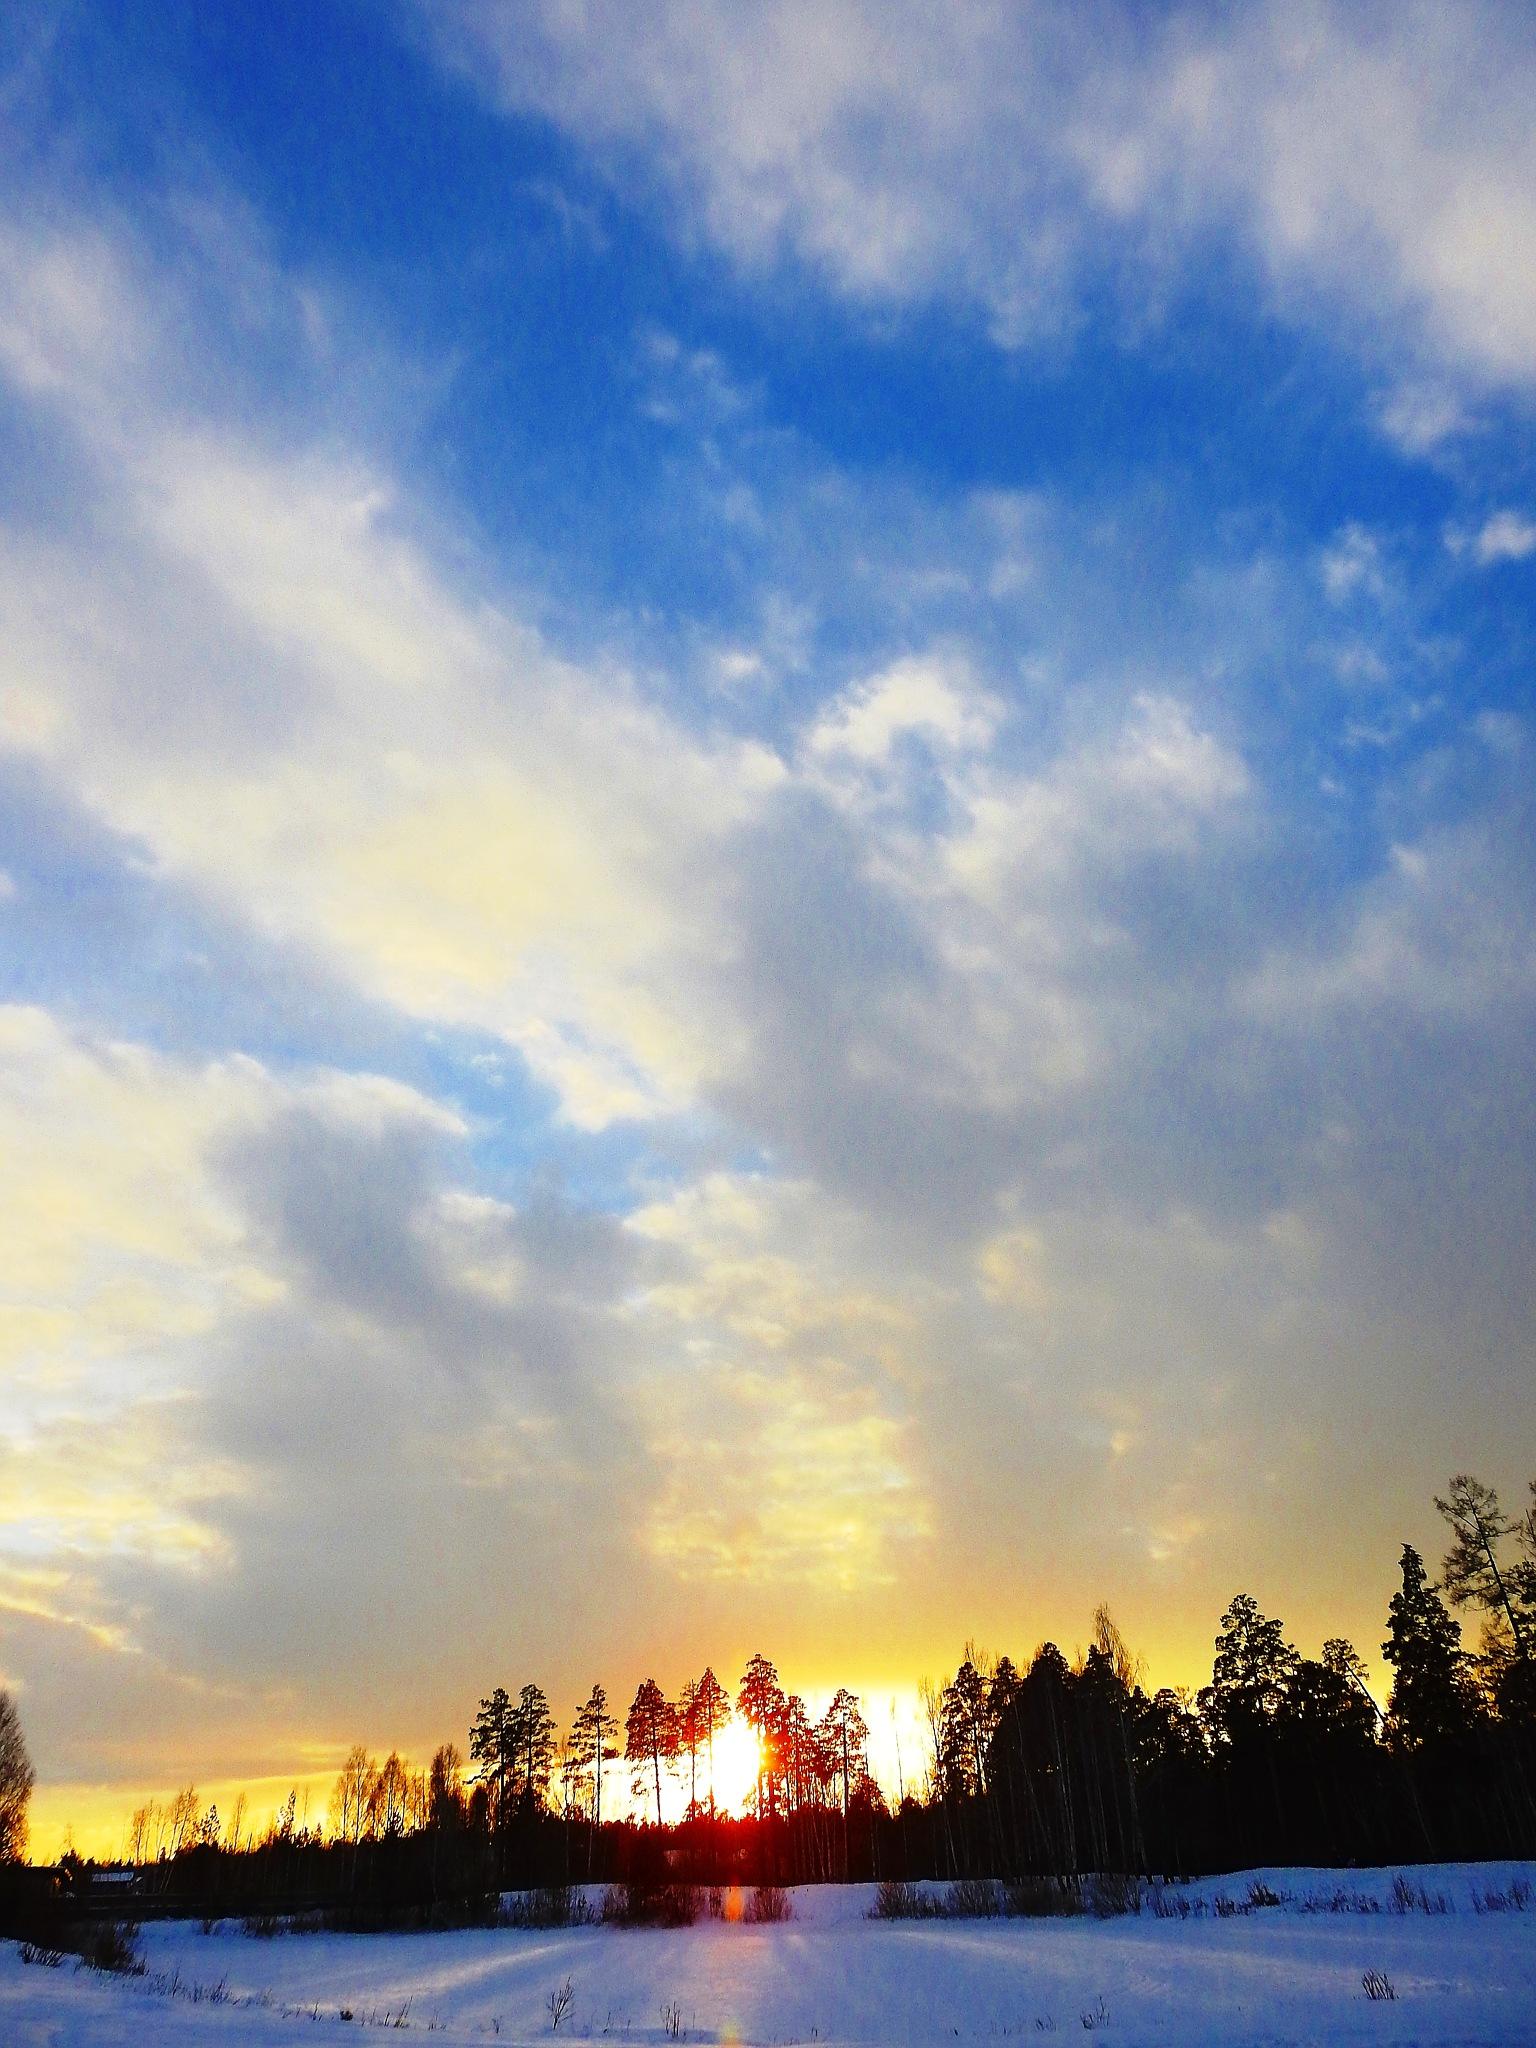 Evening sky by sergey.parfeniuk